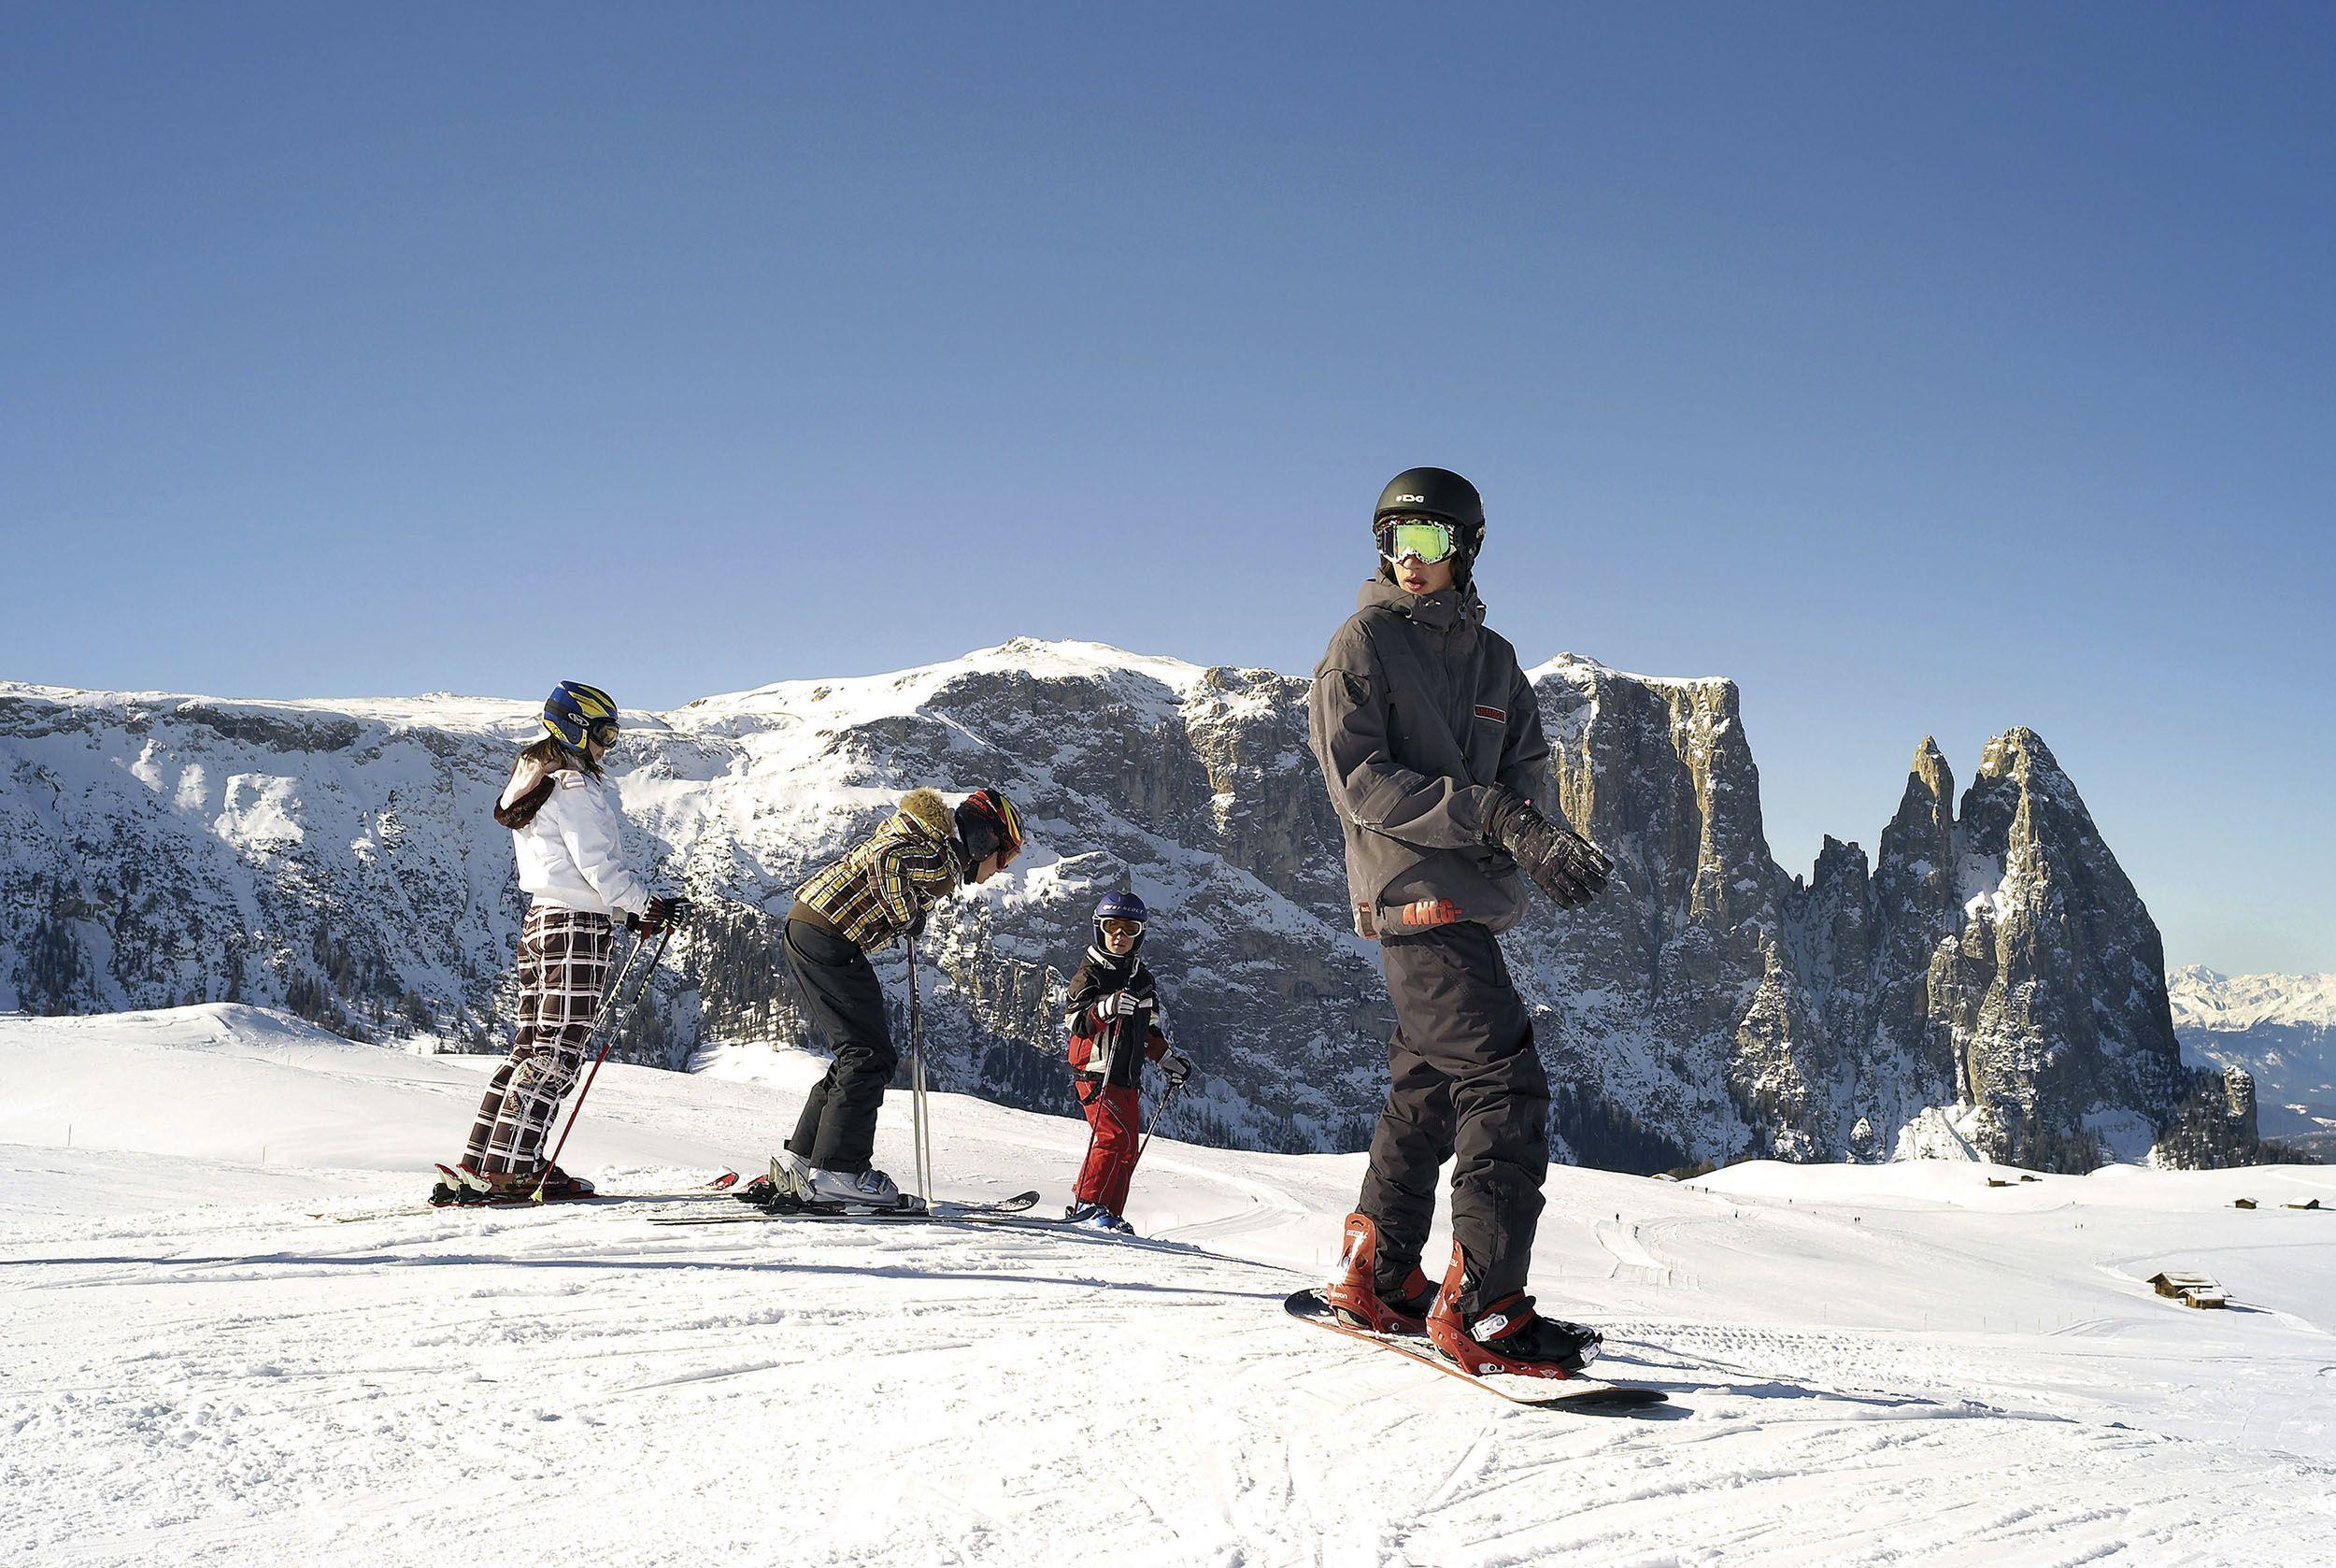 Skifahren auf der Seiser Alm © IDM Südtirol / Clemens Zahn